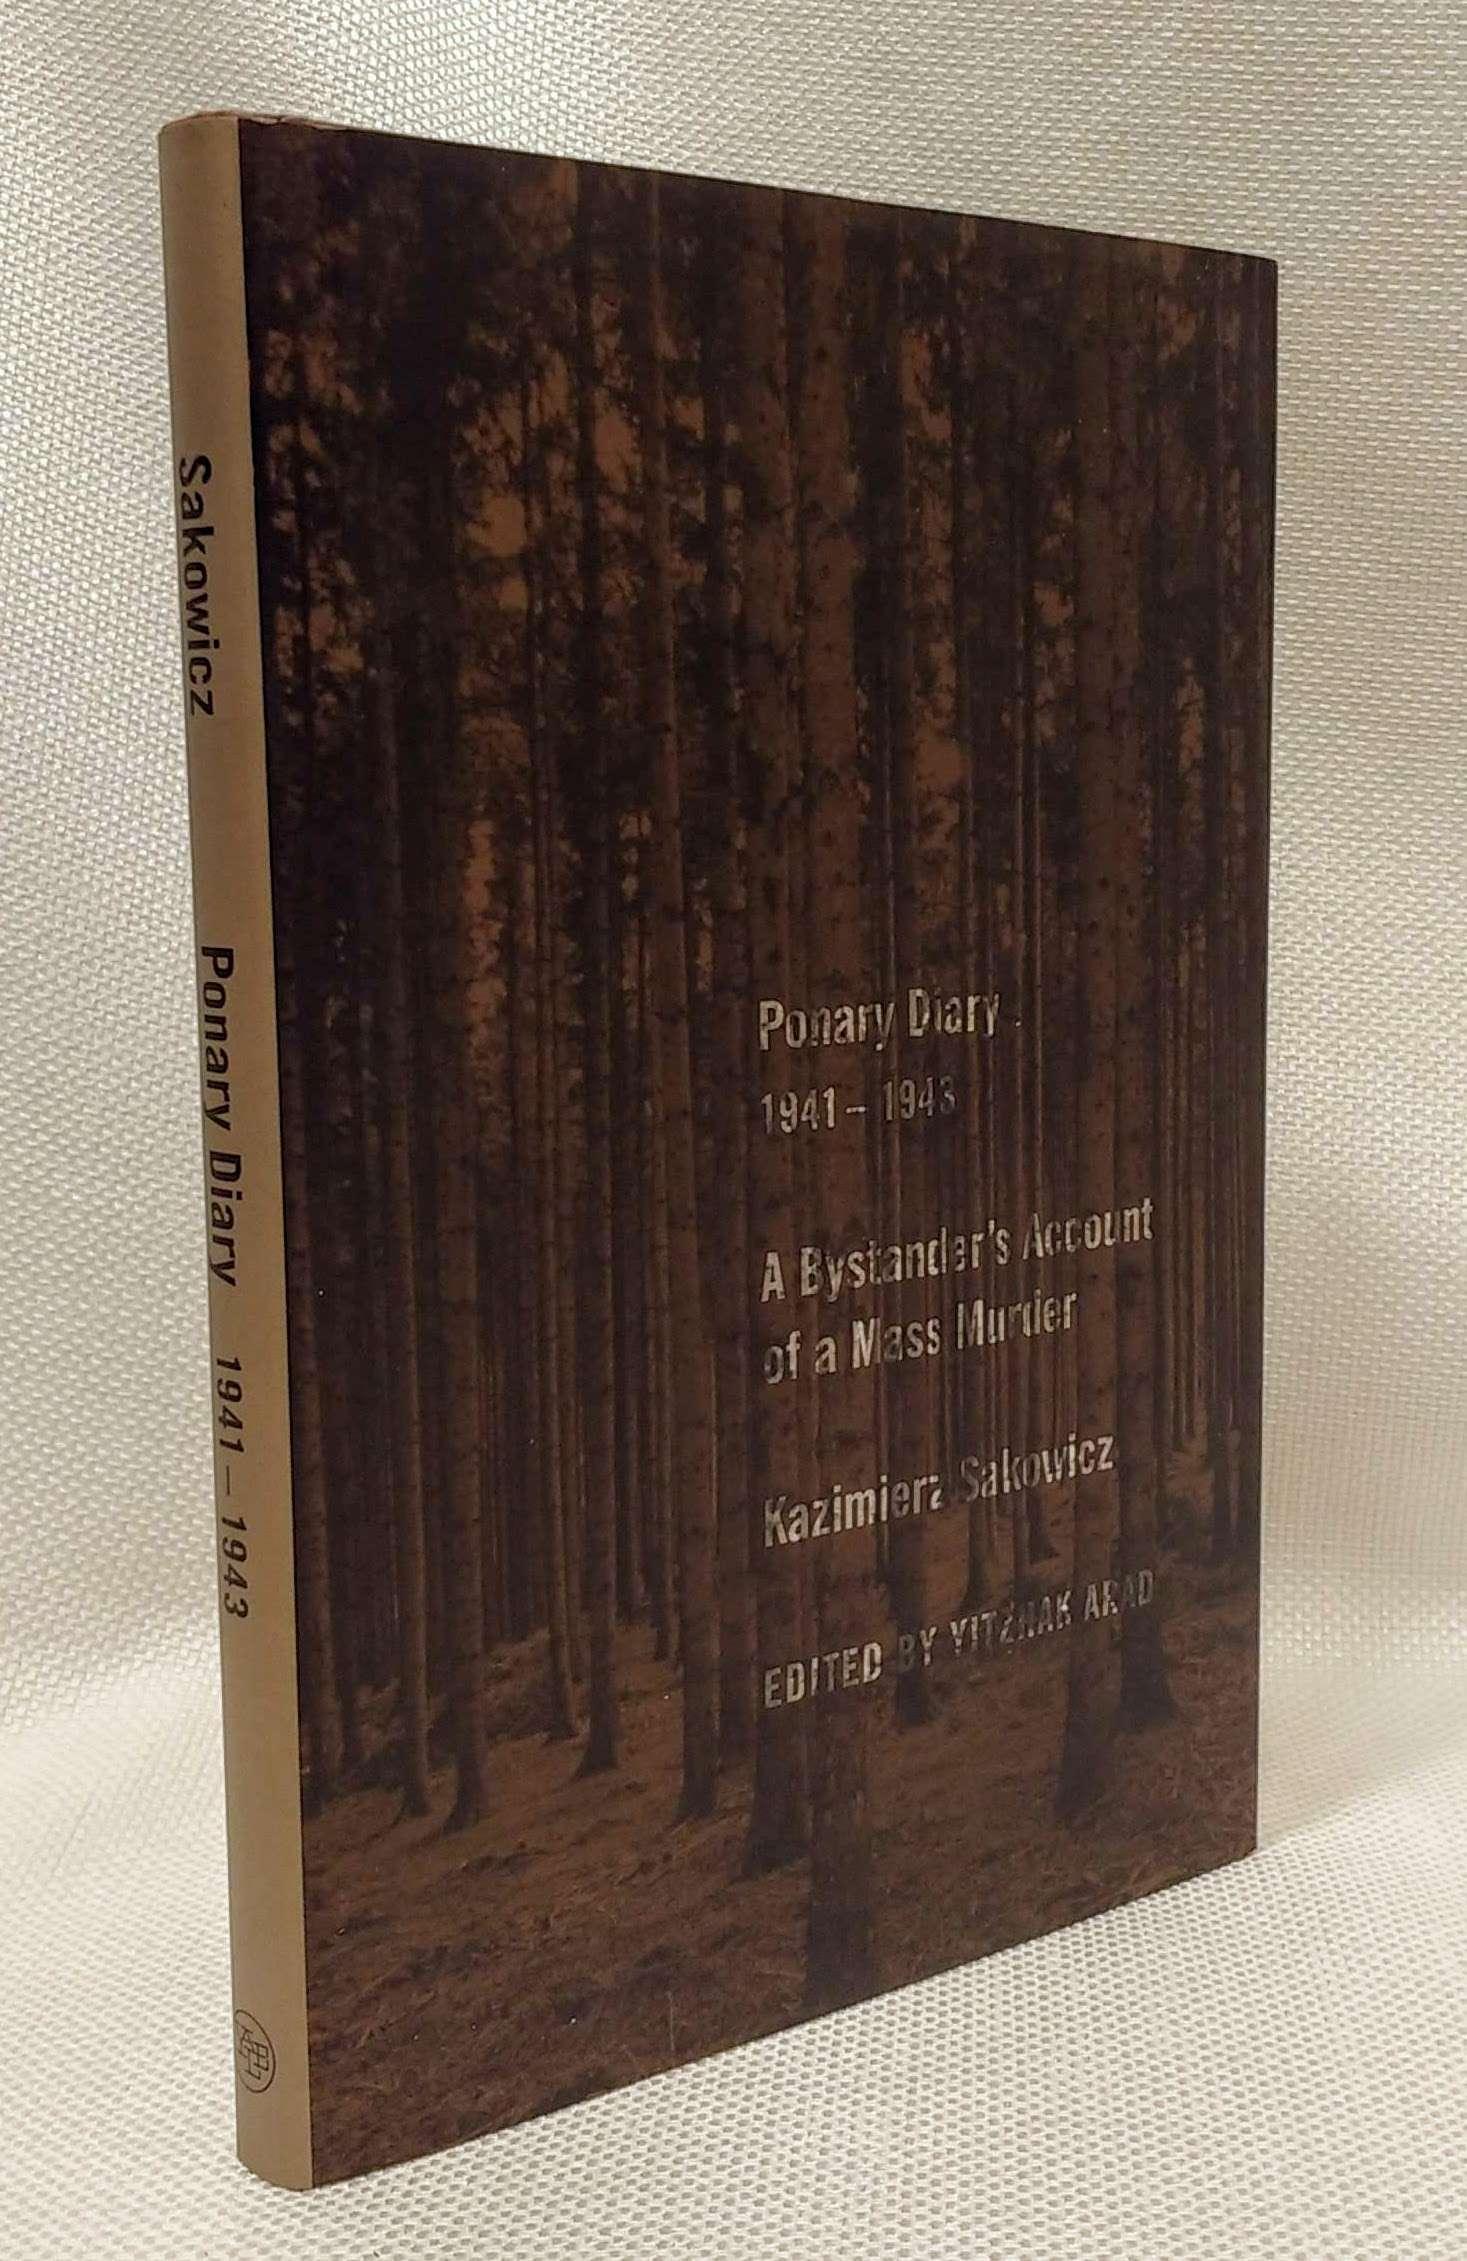 Ponary Diary, 1941-1943: A Bystanderâ_x0080__x0099_s Account of a Mass Murder, Sakowicz, Kazimierz; Arad, Yitzhak [Editor]; Weinbaum, Laurence [Translator];